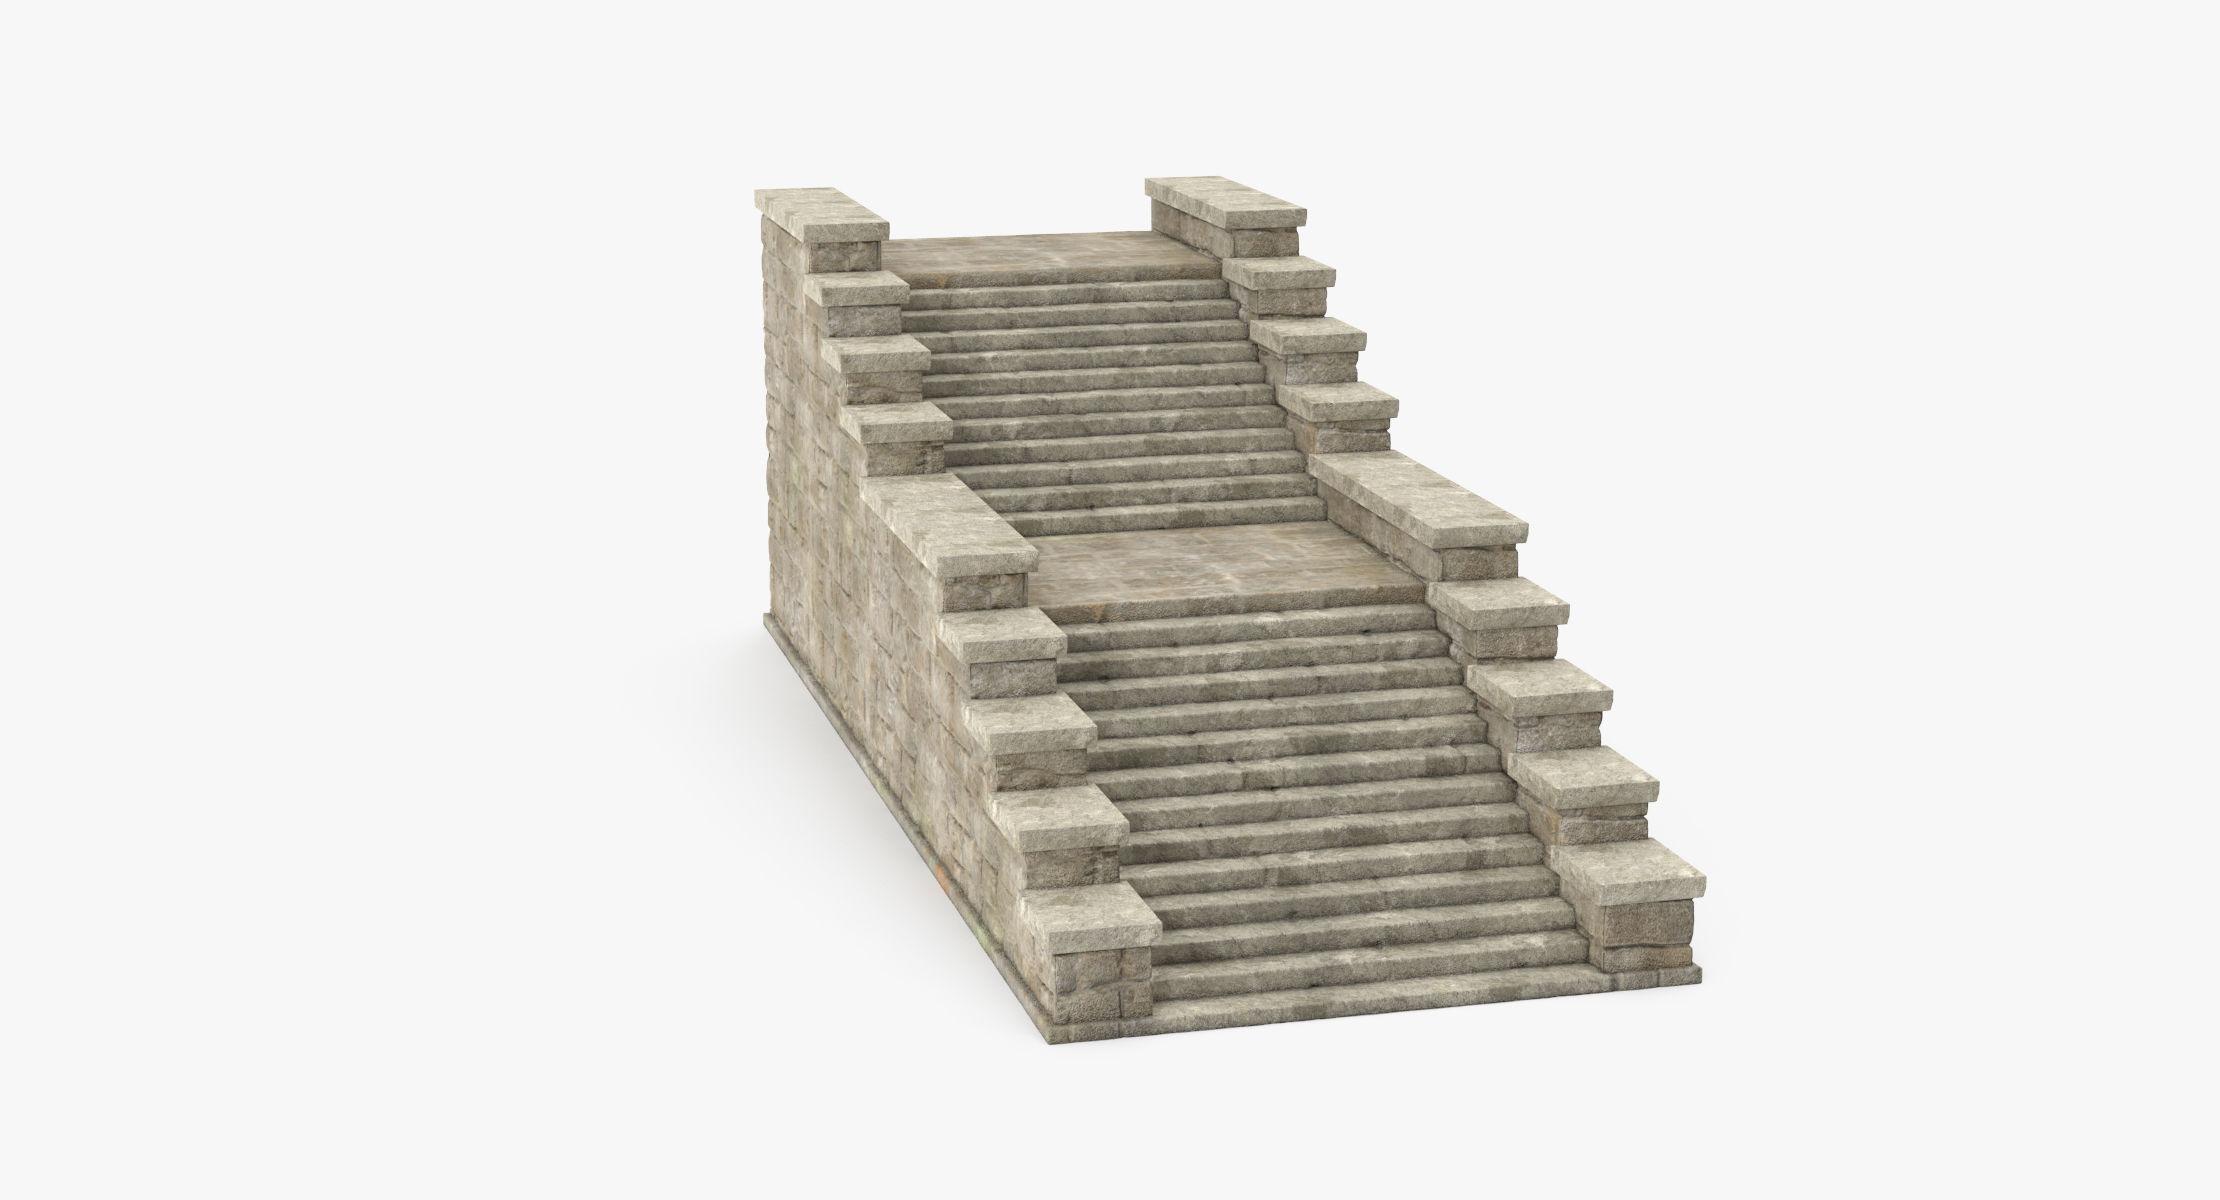 Castle Stairs 02 - reel 1